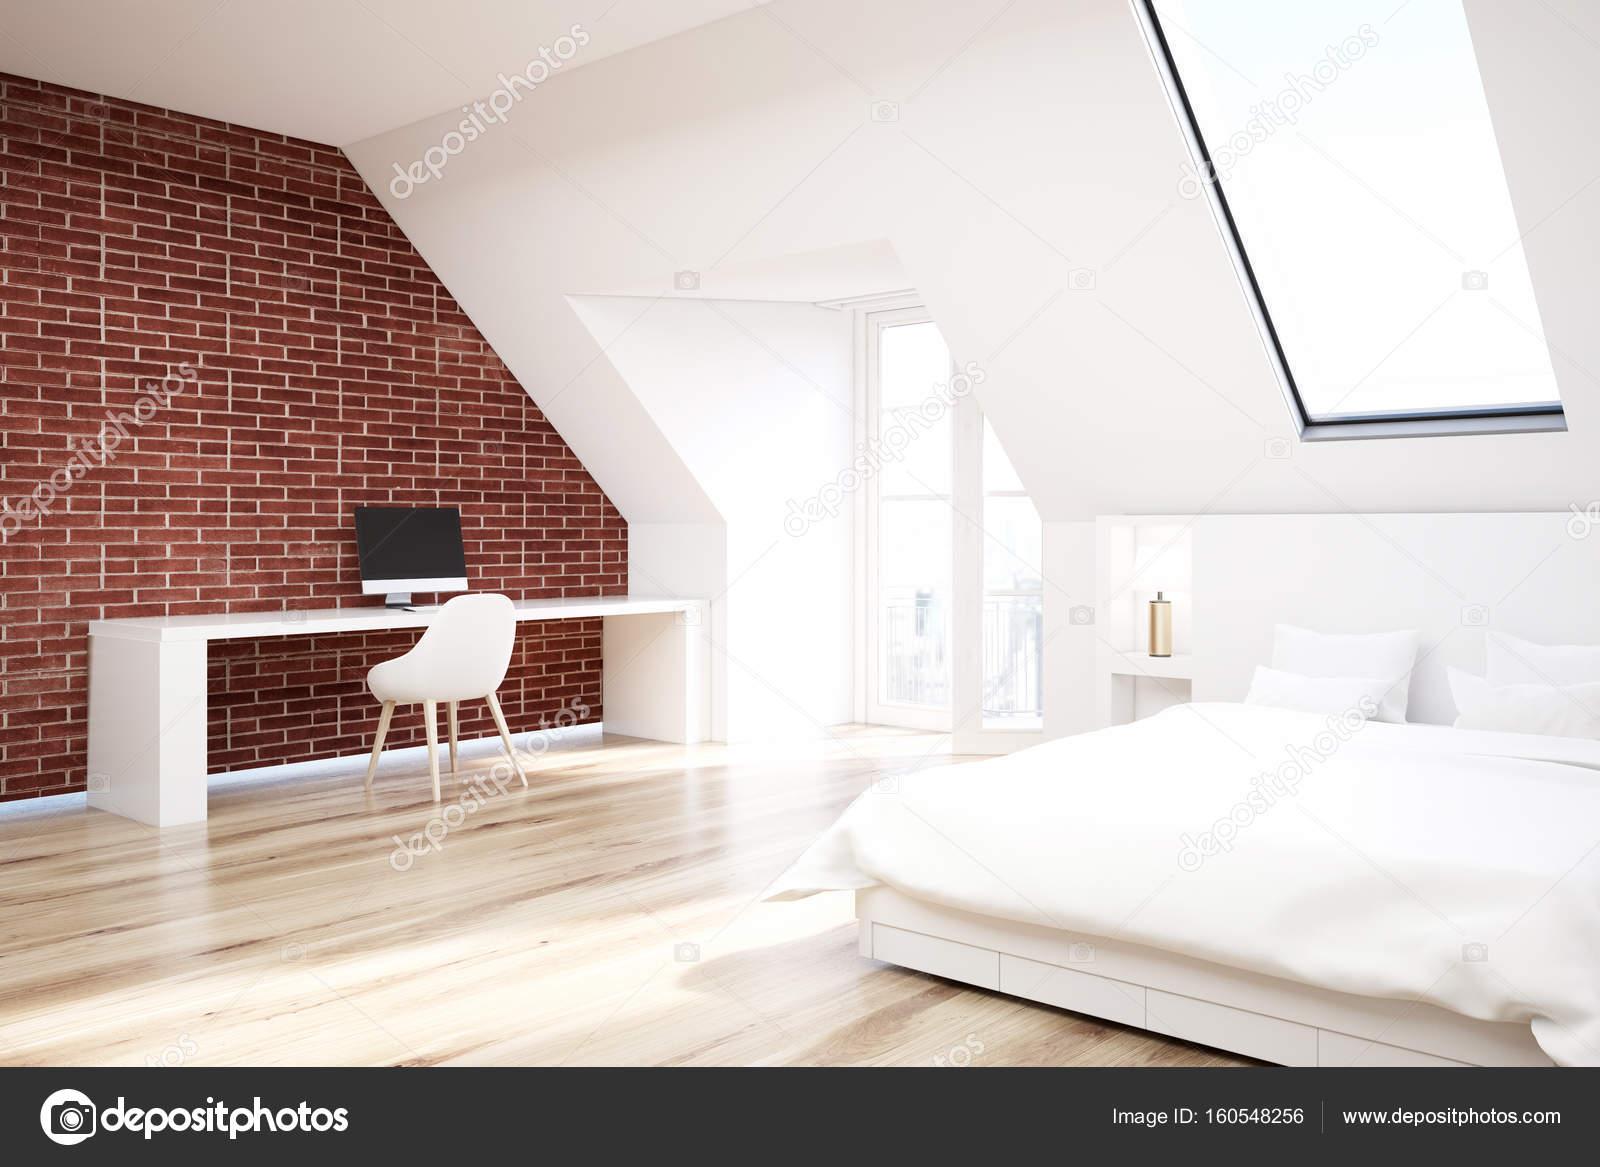 Slaapkamer Houten Vloer : Baksteen houten vloer zolder slaapkamer kantoor aan huis